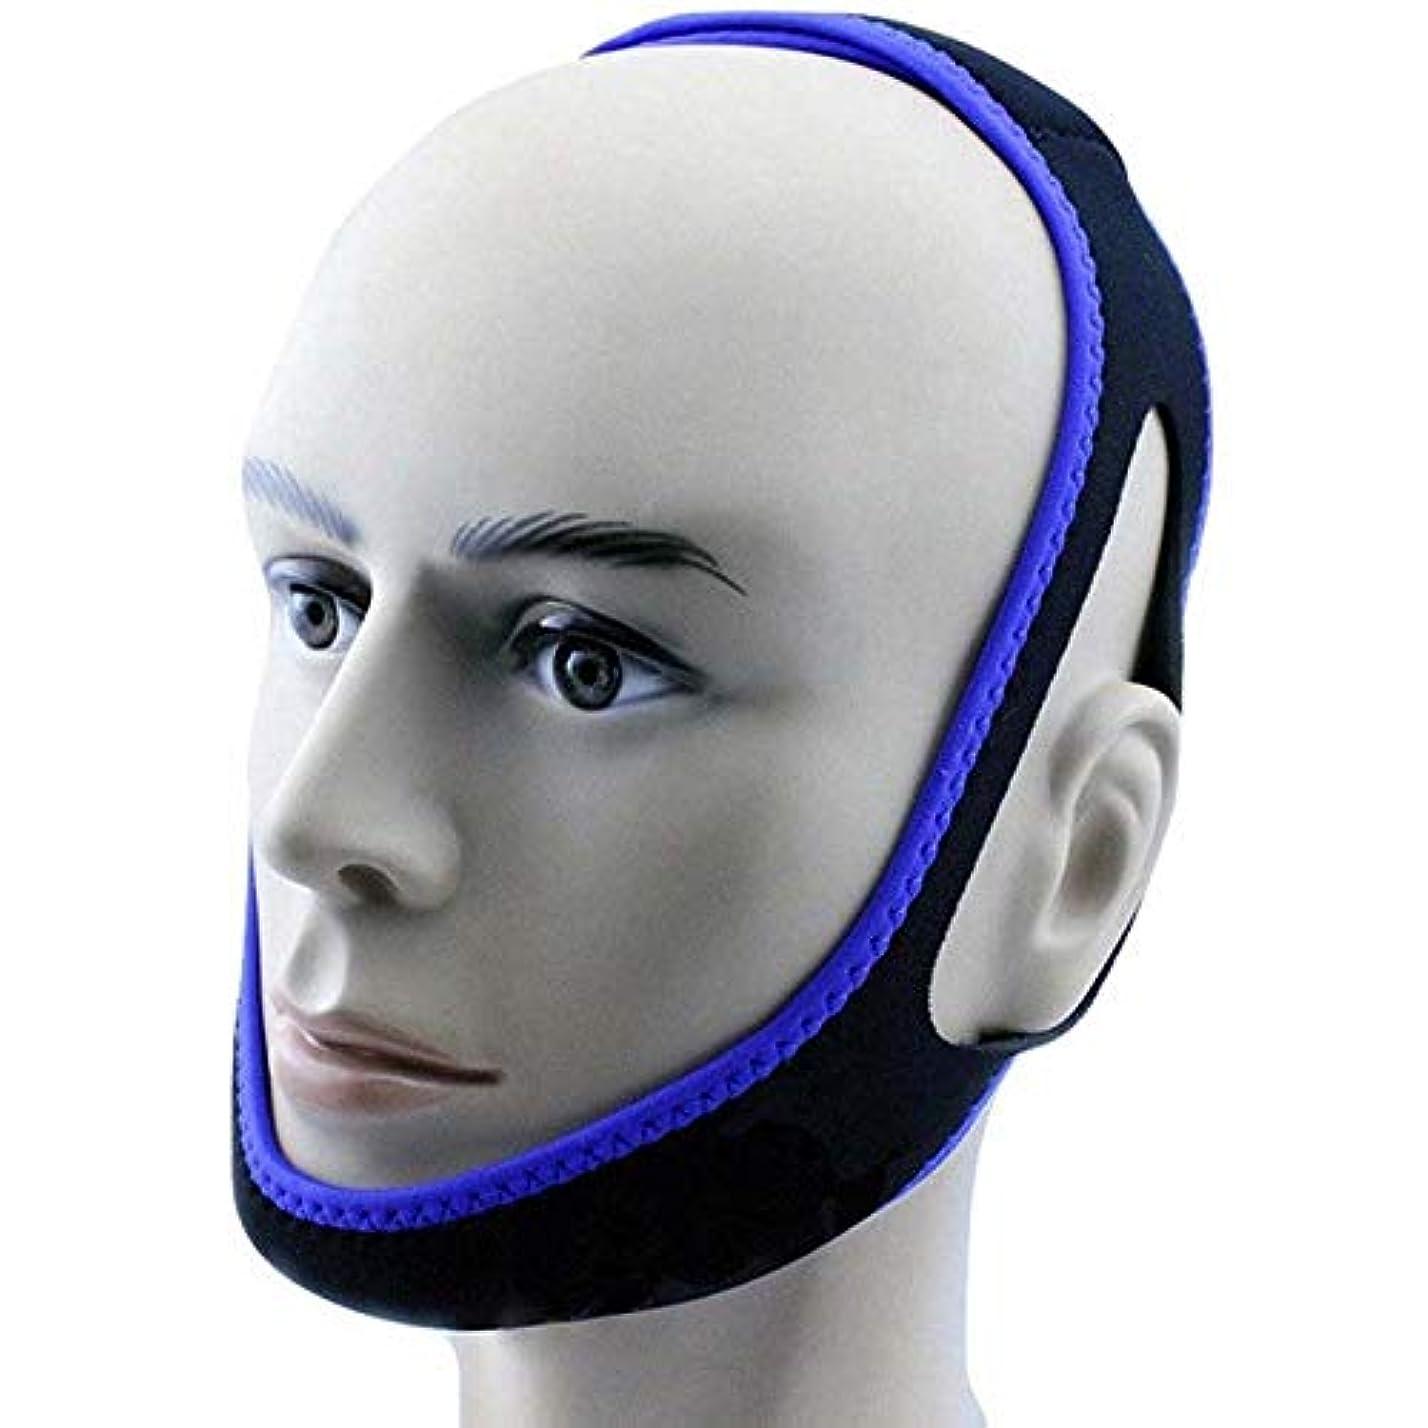 プレビスサイト損傷ましい注意アンチいびきあごストラップ調節可能な抗いびきベルト深い眠り男性用女性女性いびきヘッドバンド鼻いびきうめき声CCP056